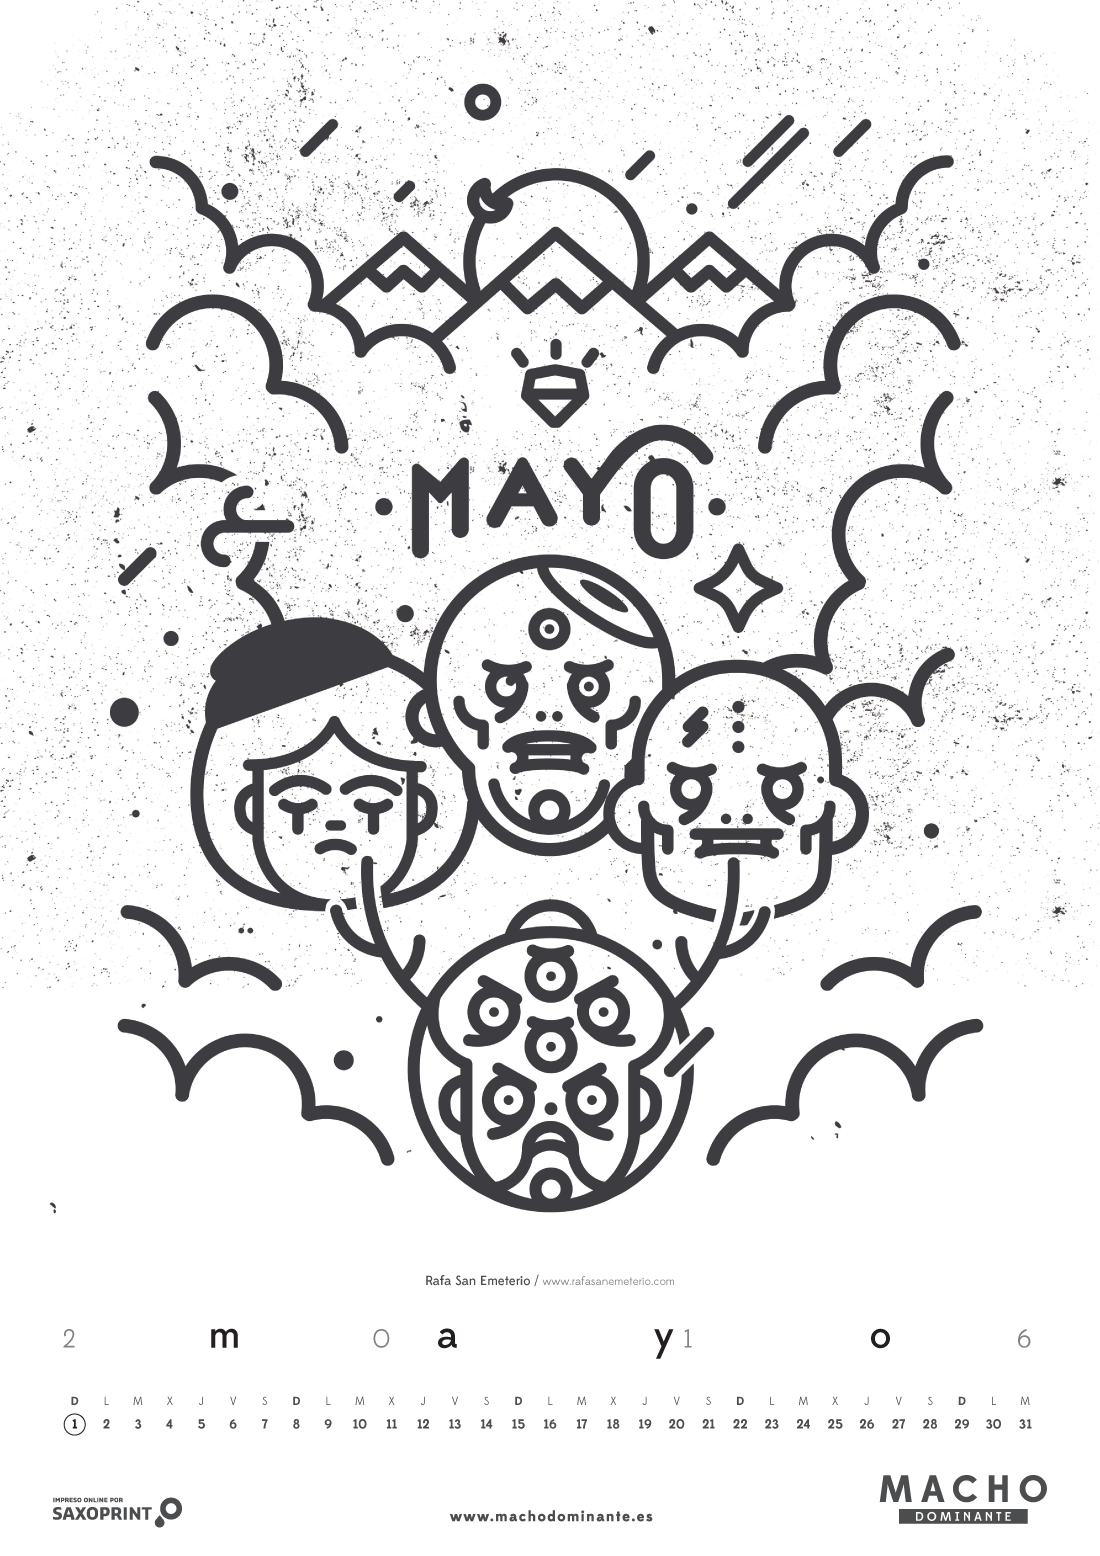 Calendario 2016 Macho Dominante